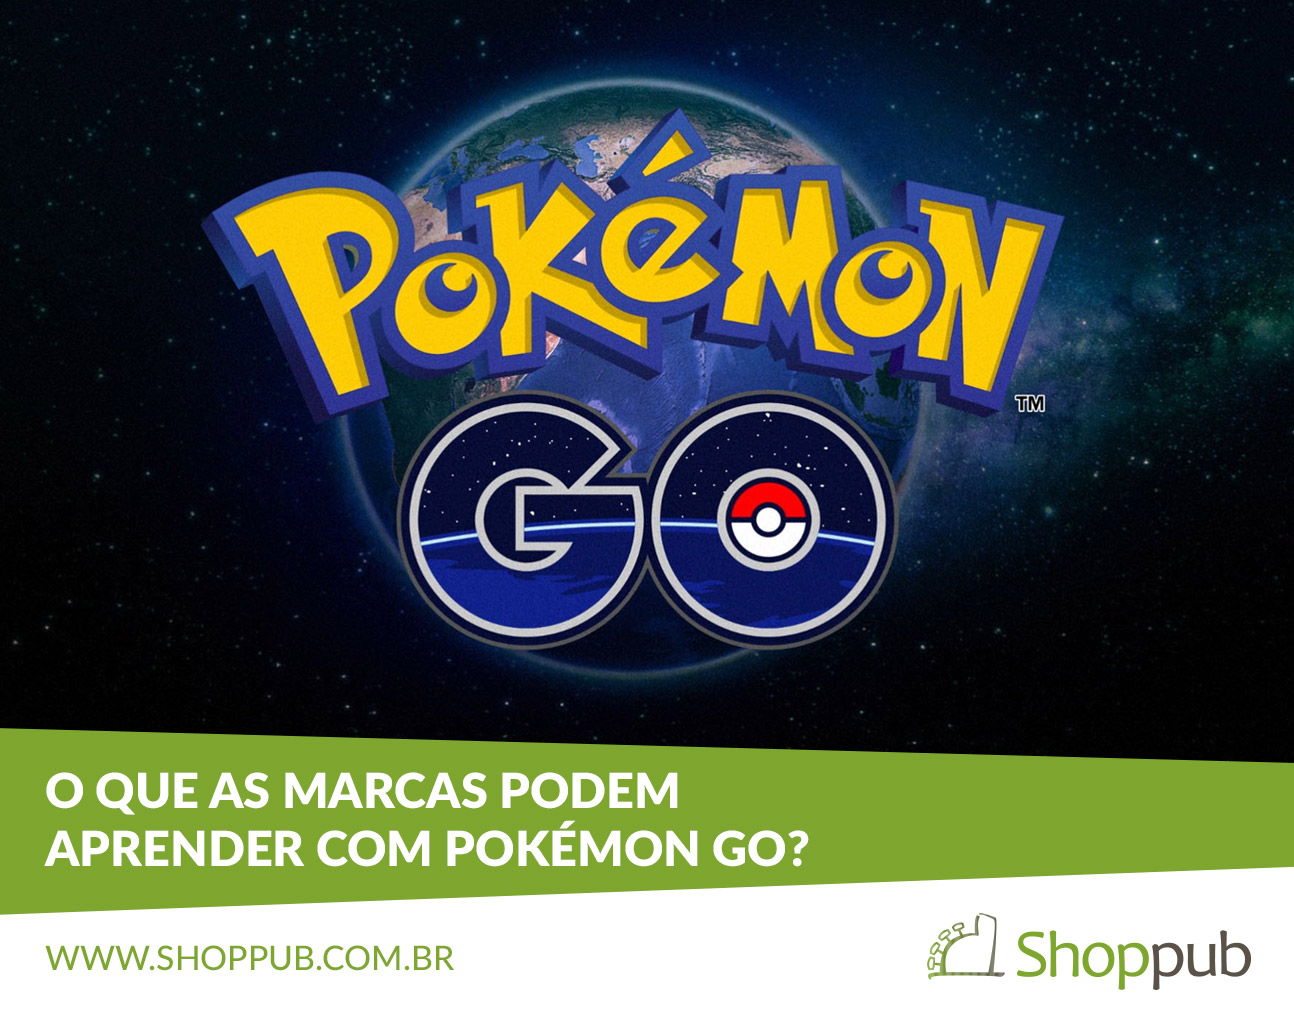 O que as marcas podem aprender com Pokémon GO?